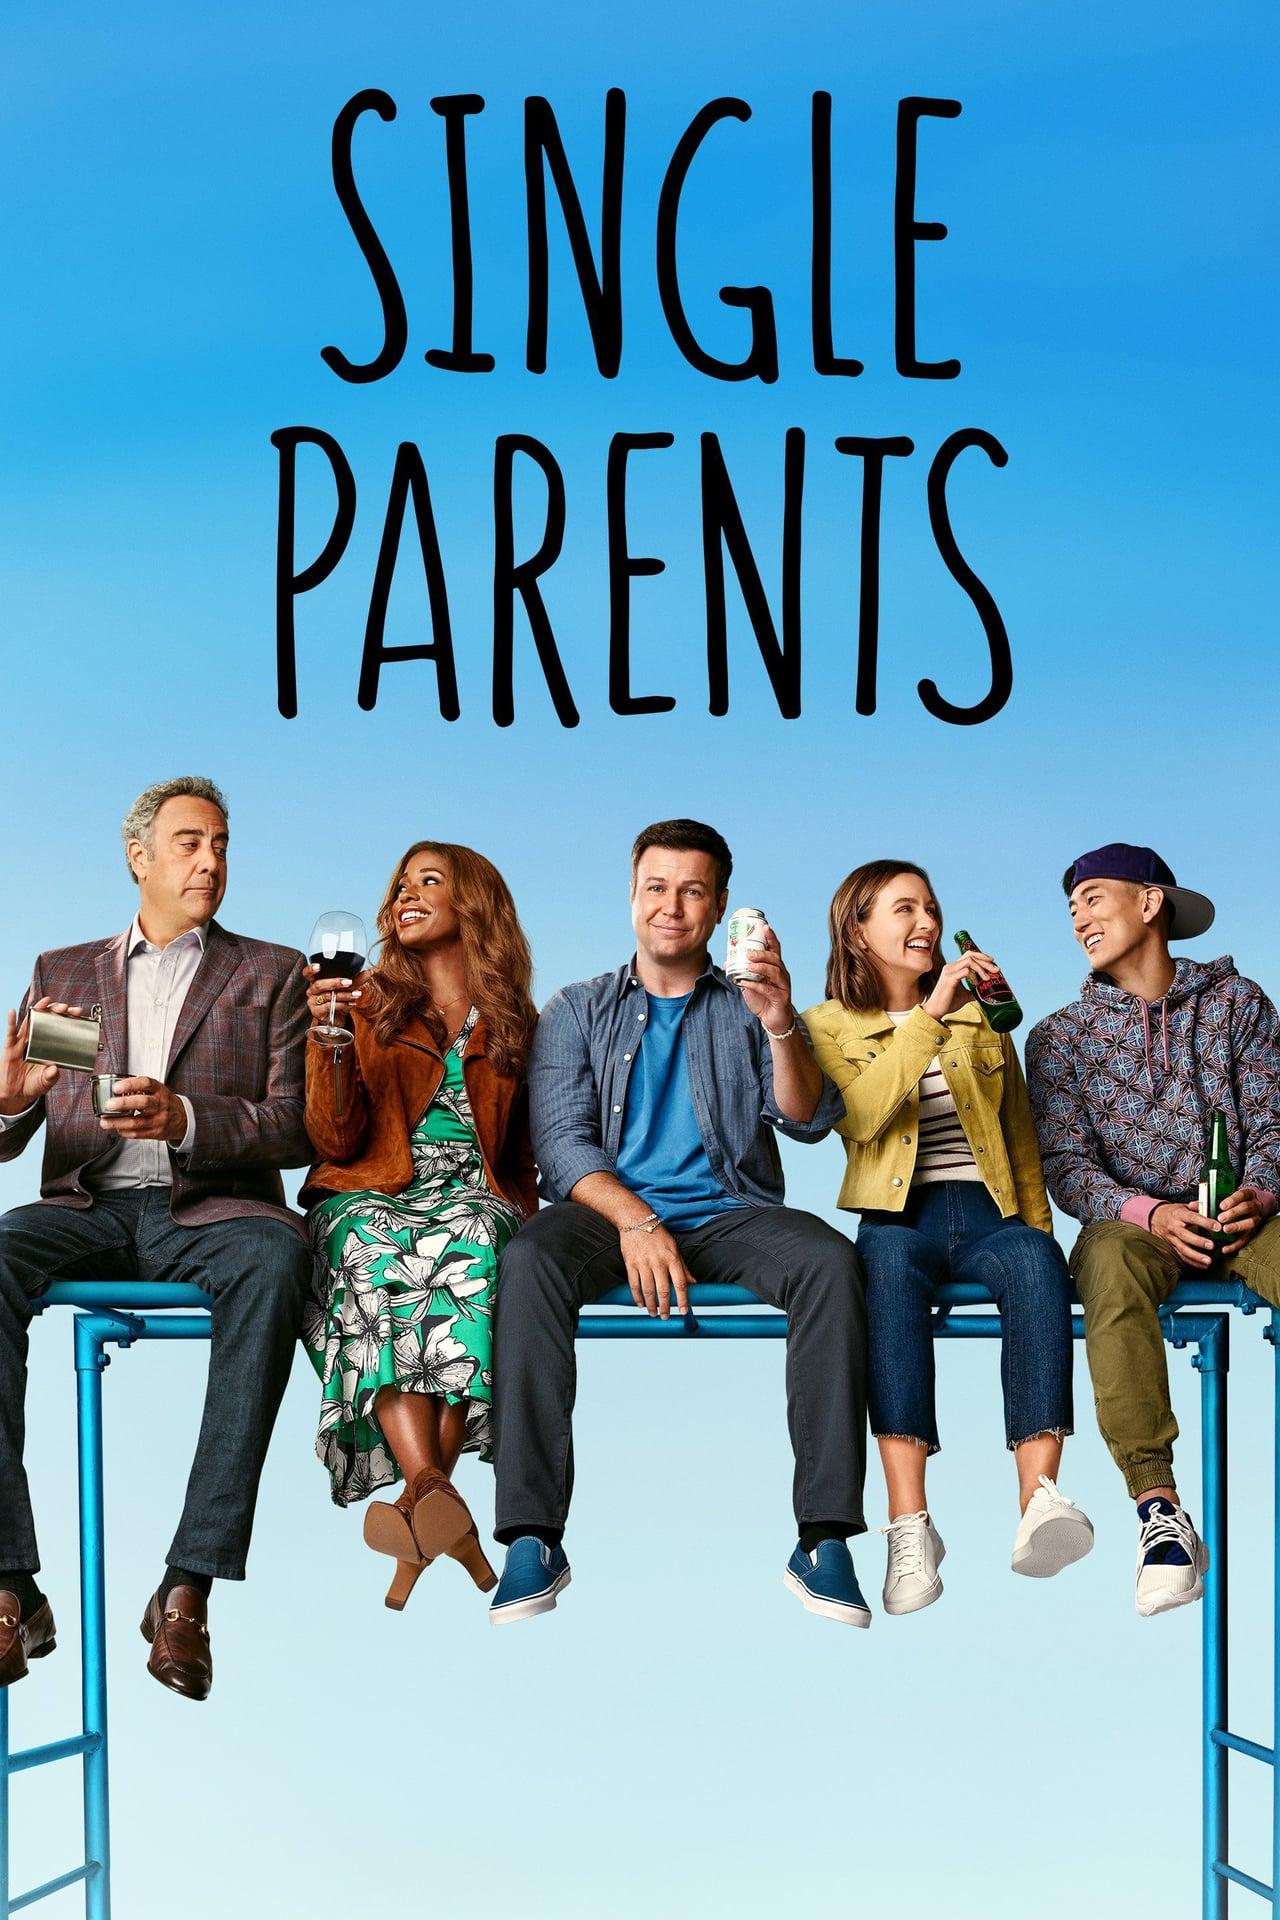 Single.Parents.S02E03.1080p.WEB.H264-MEMENTO